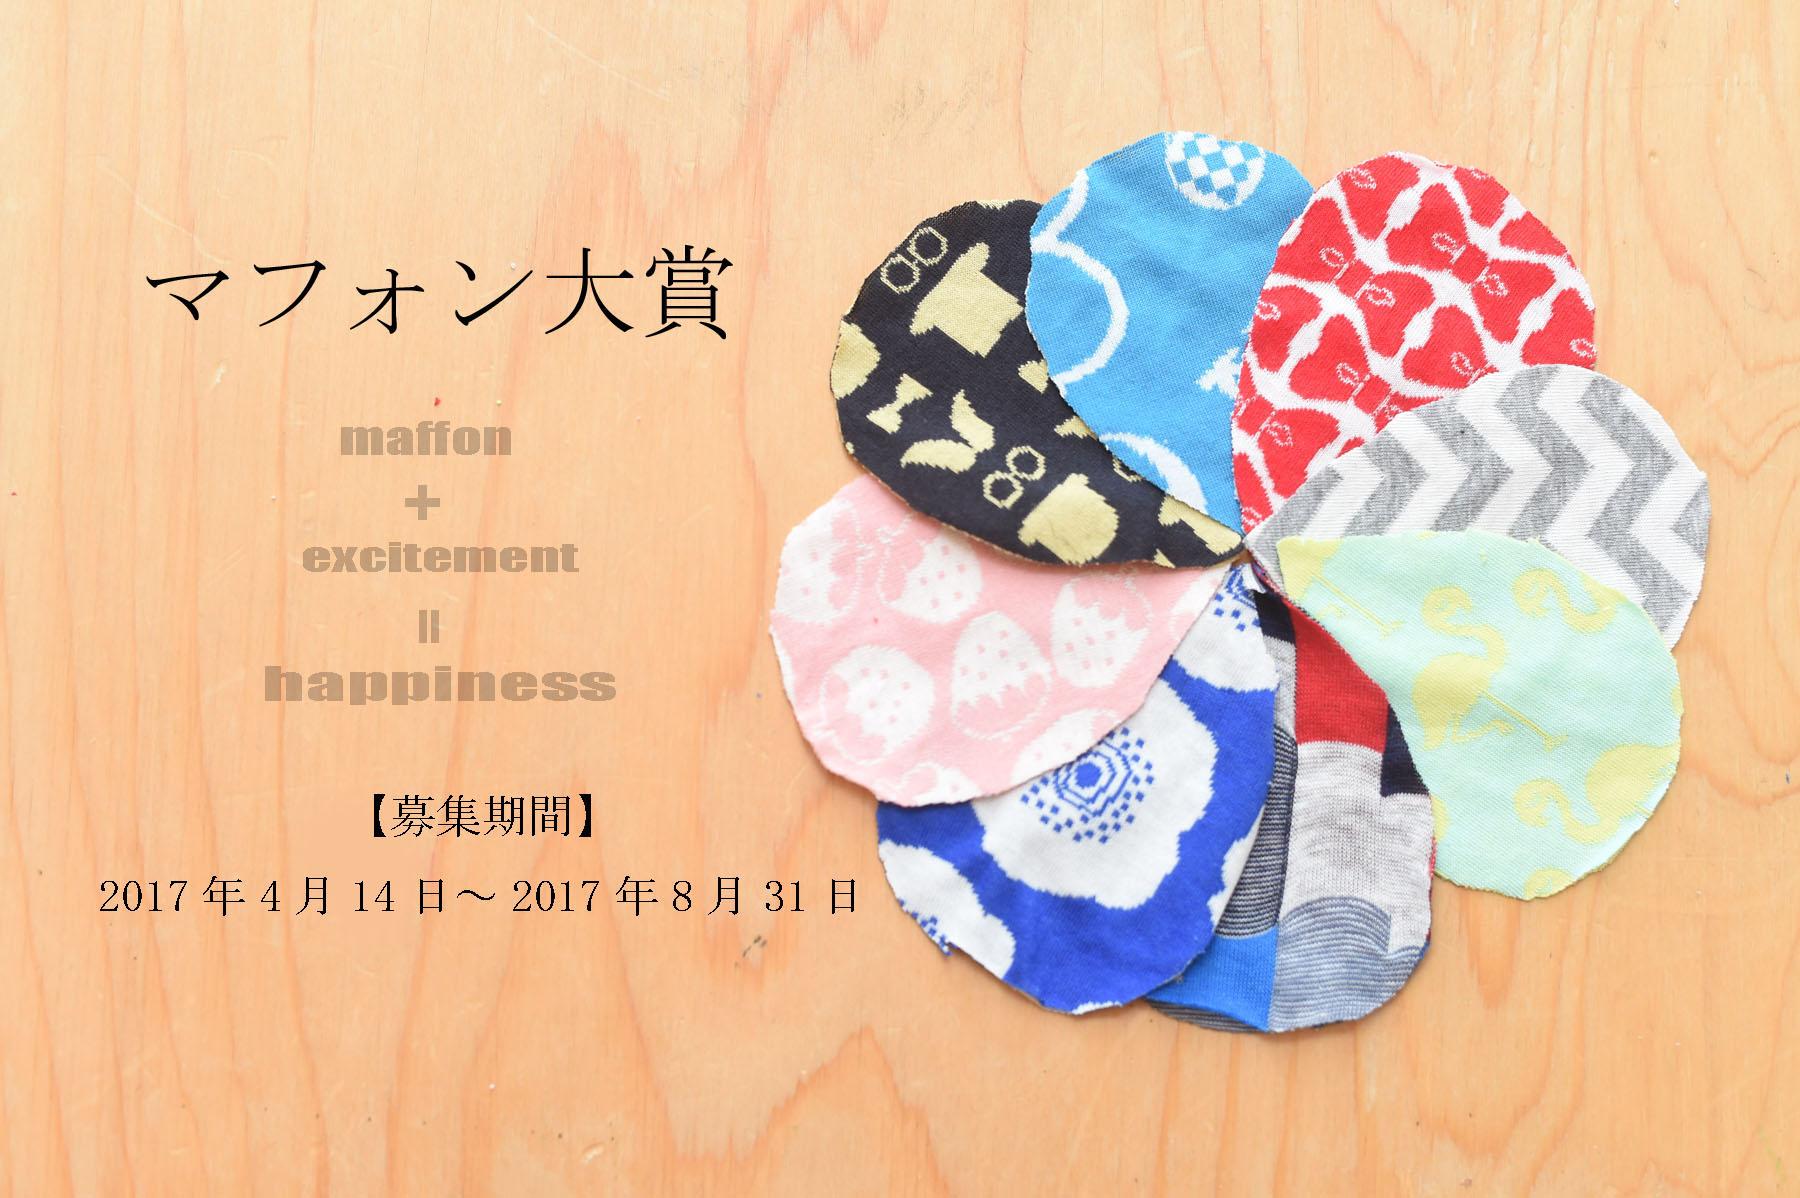 マフォン大賞2